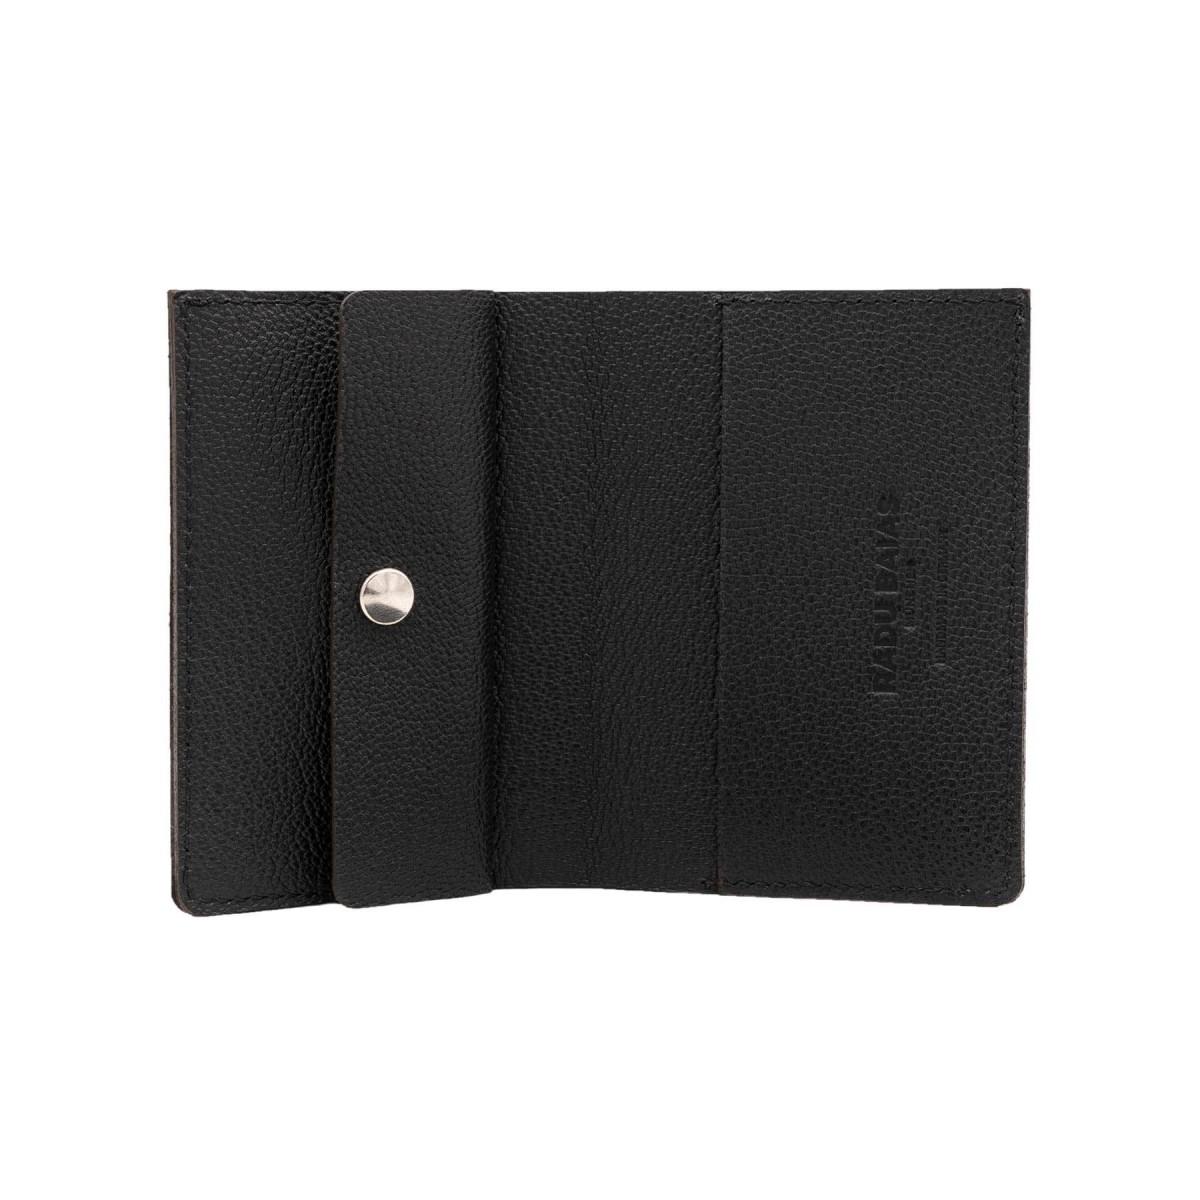 Mini Portemonnaie in schwarz mit Münzfach - aus premium pflanzlich gegerbtem Ziegenleder